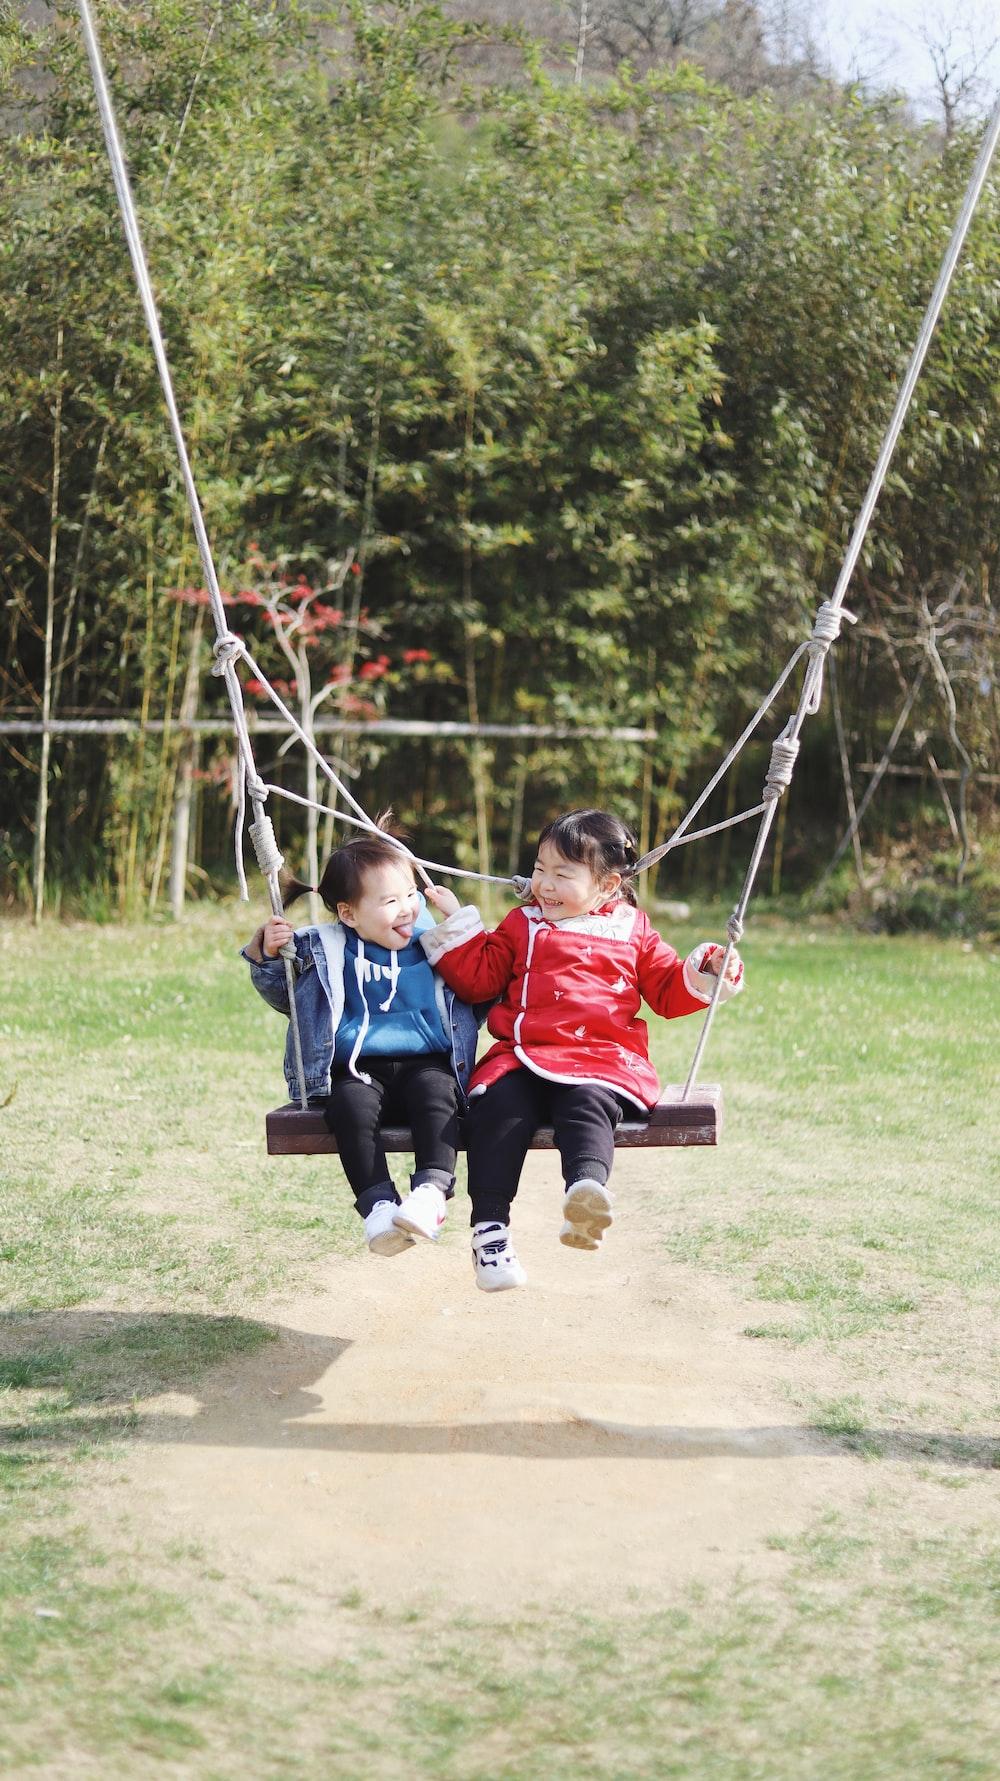 2 boys sitting on swing during daytime